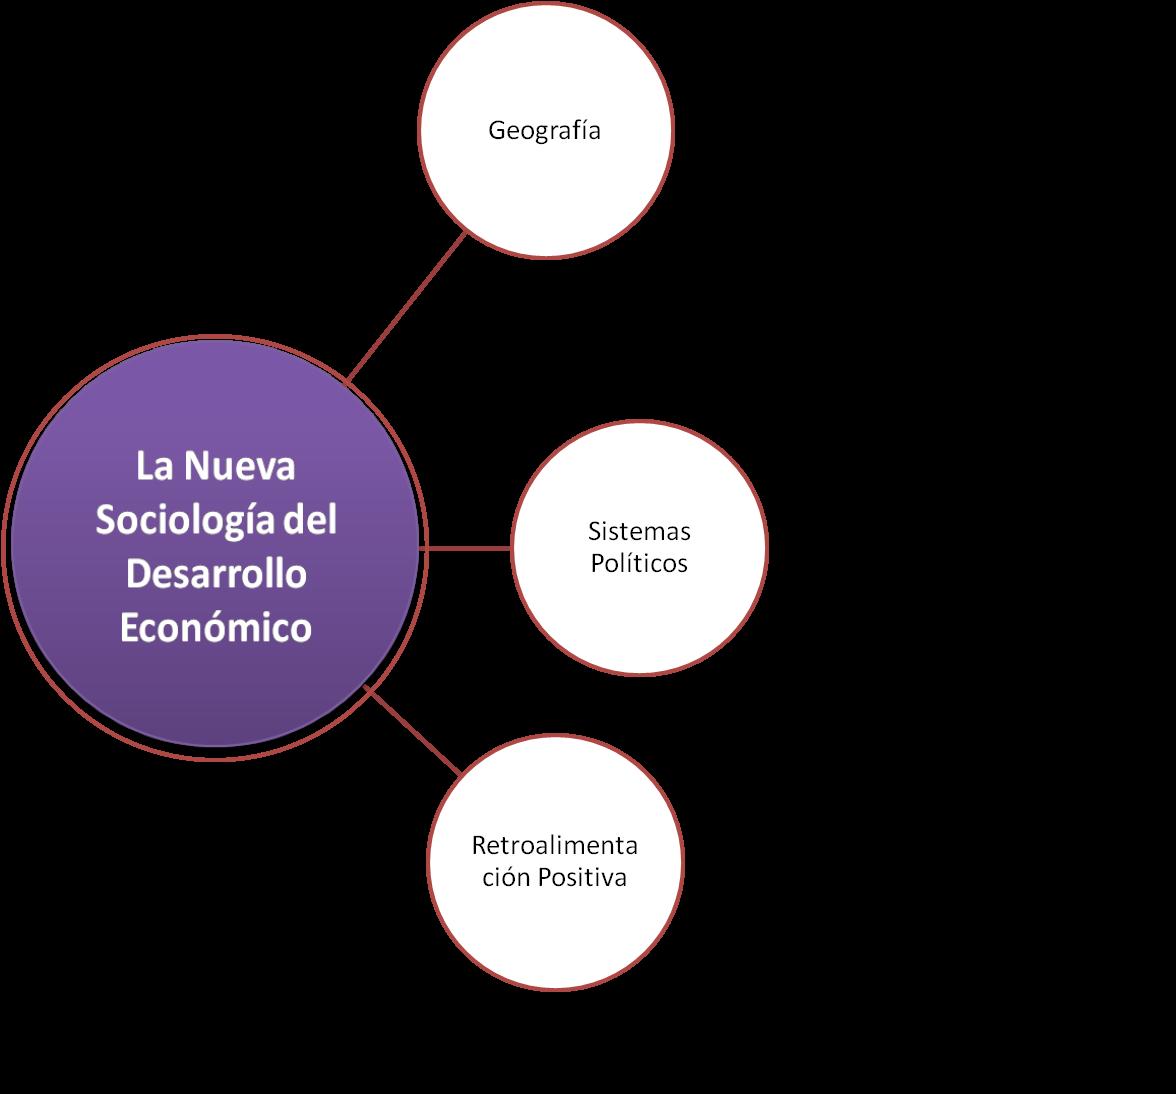 cultura organizacional La cultura organizacional se ha definido como una suma determinada de valores y normas que son compartidos por personas y grupos de una organización y que controlan la manera que.